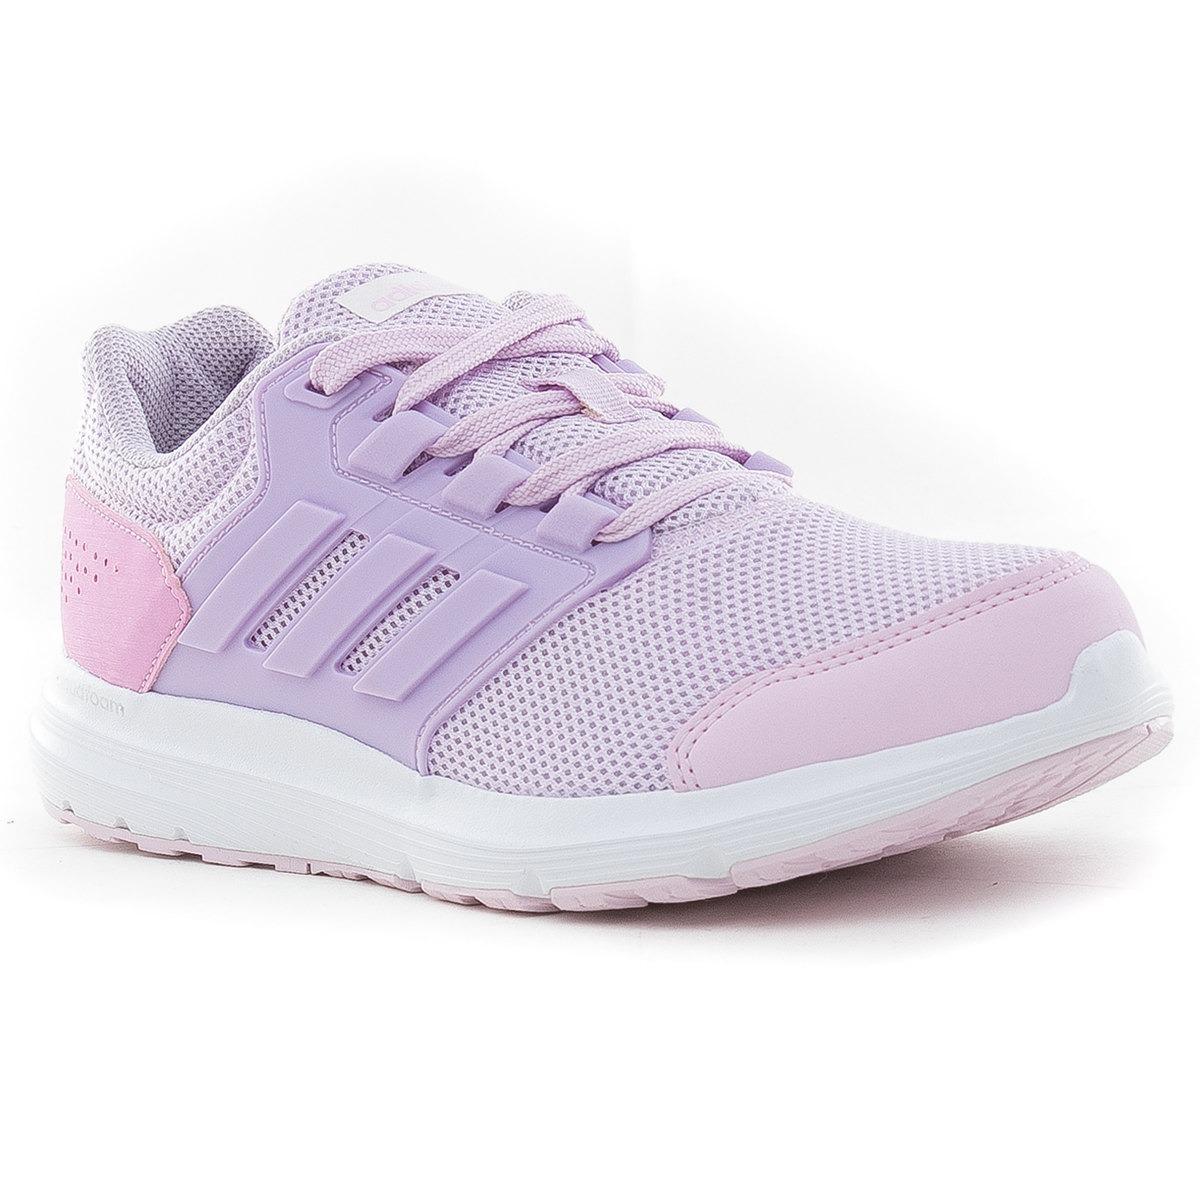 best sneakers 05375 94100 zapatillas galaxy 4 aero adidas team sport tienda oficial. Cargando zoom.